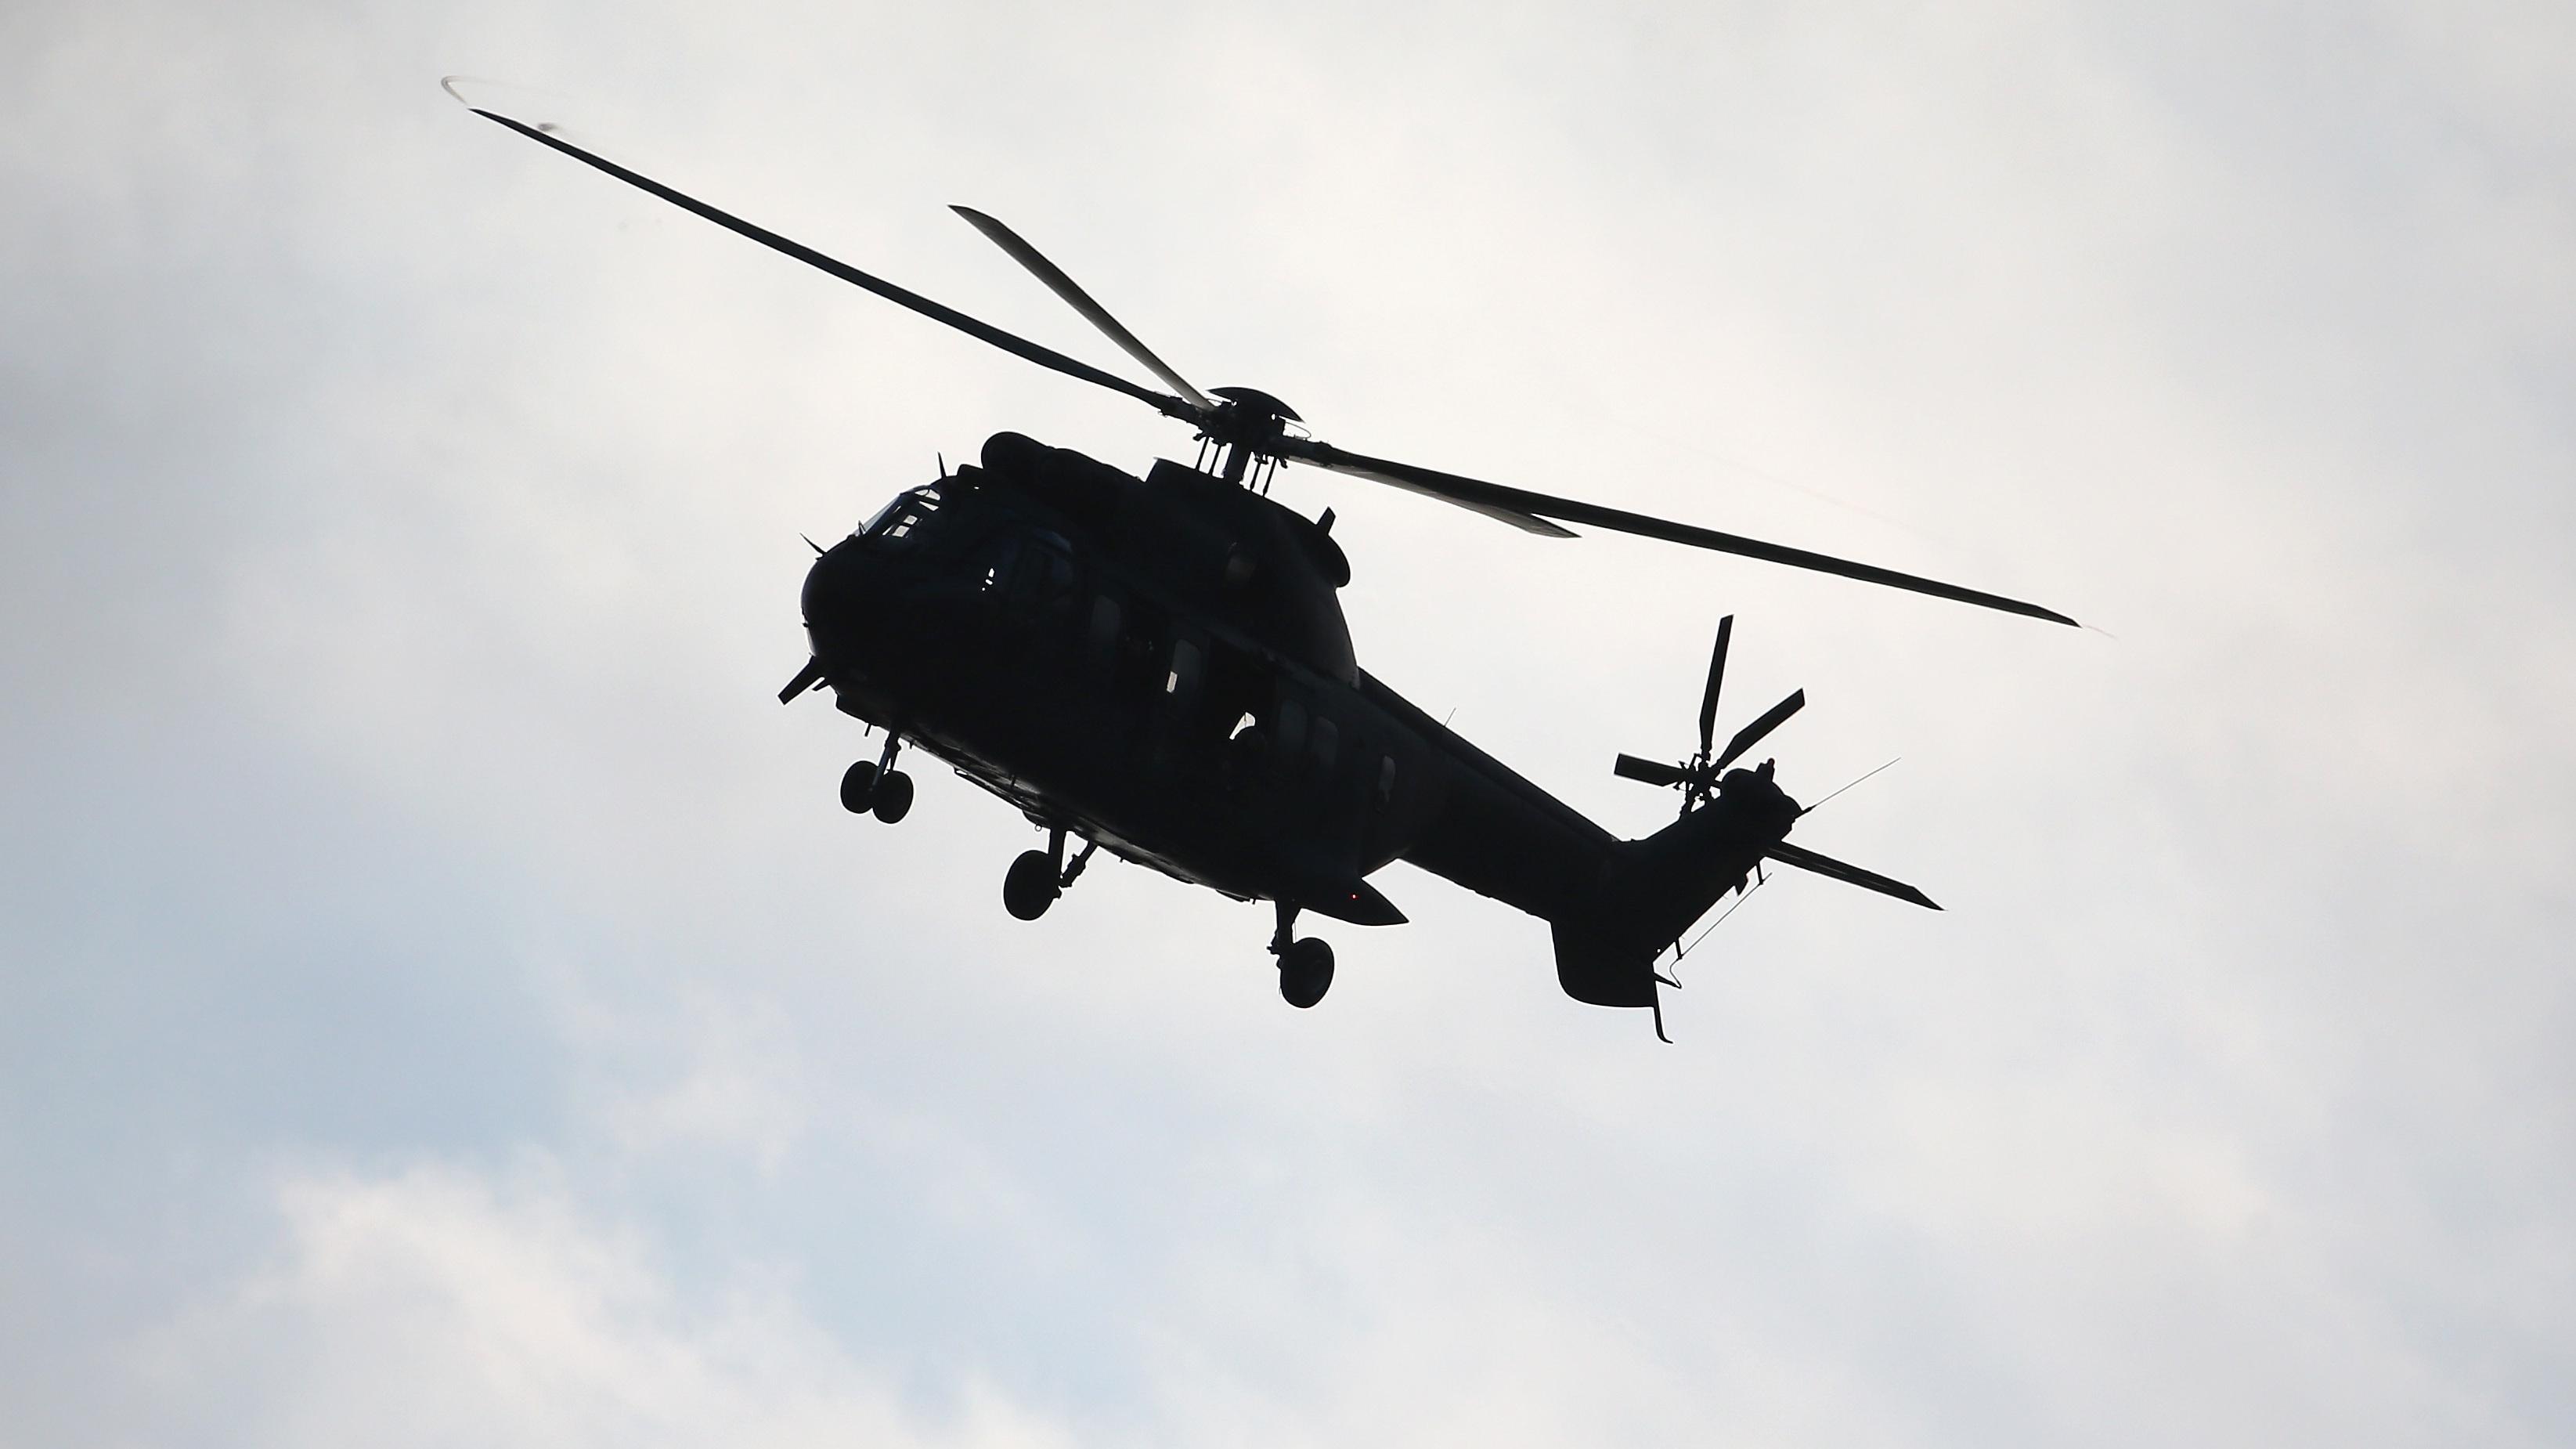 टर्किमा सैनिक हेलिकोप्टर दुर्घटना ११ सैनिकको मृत्यु